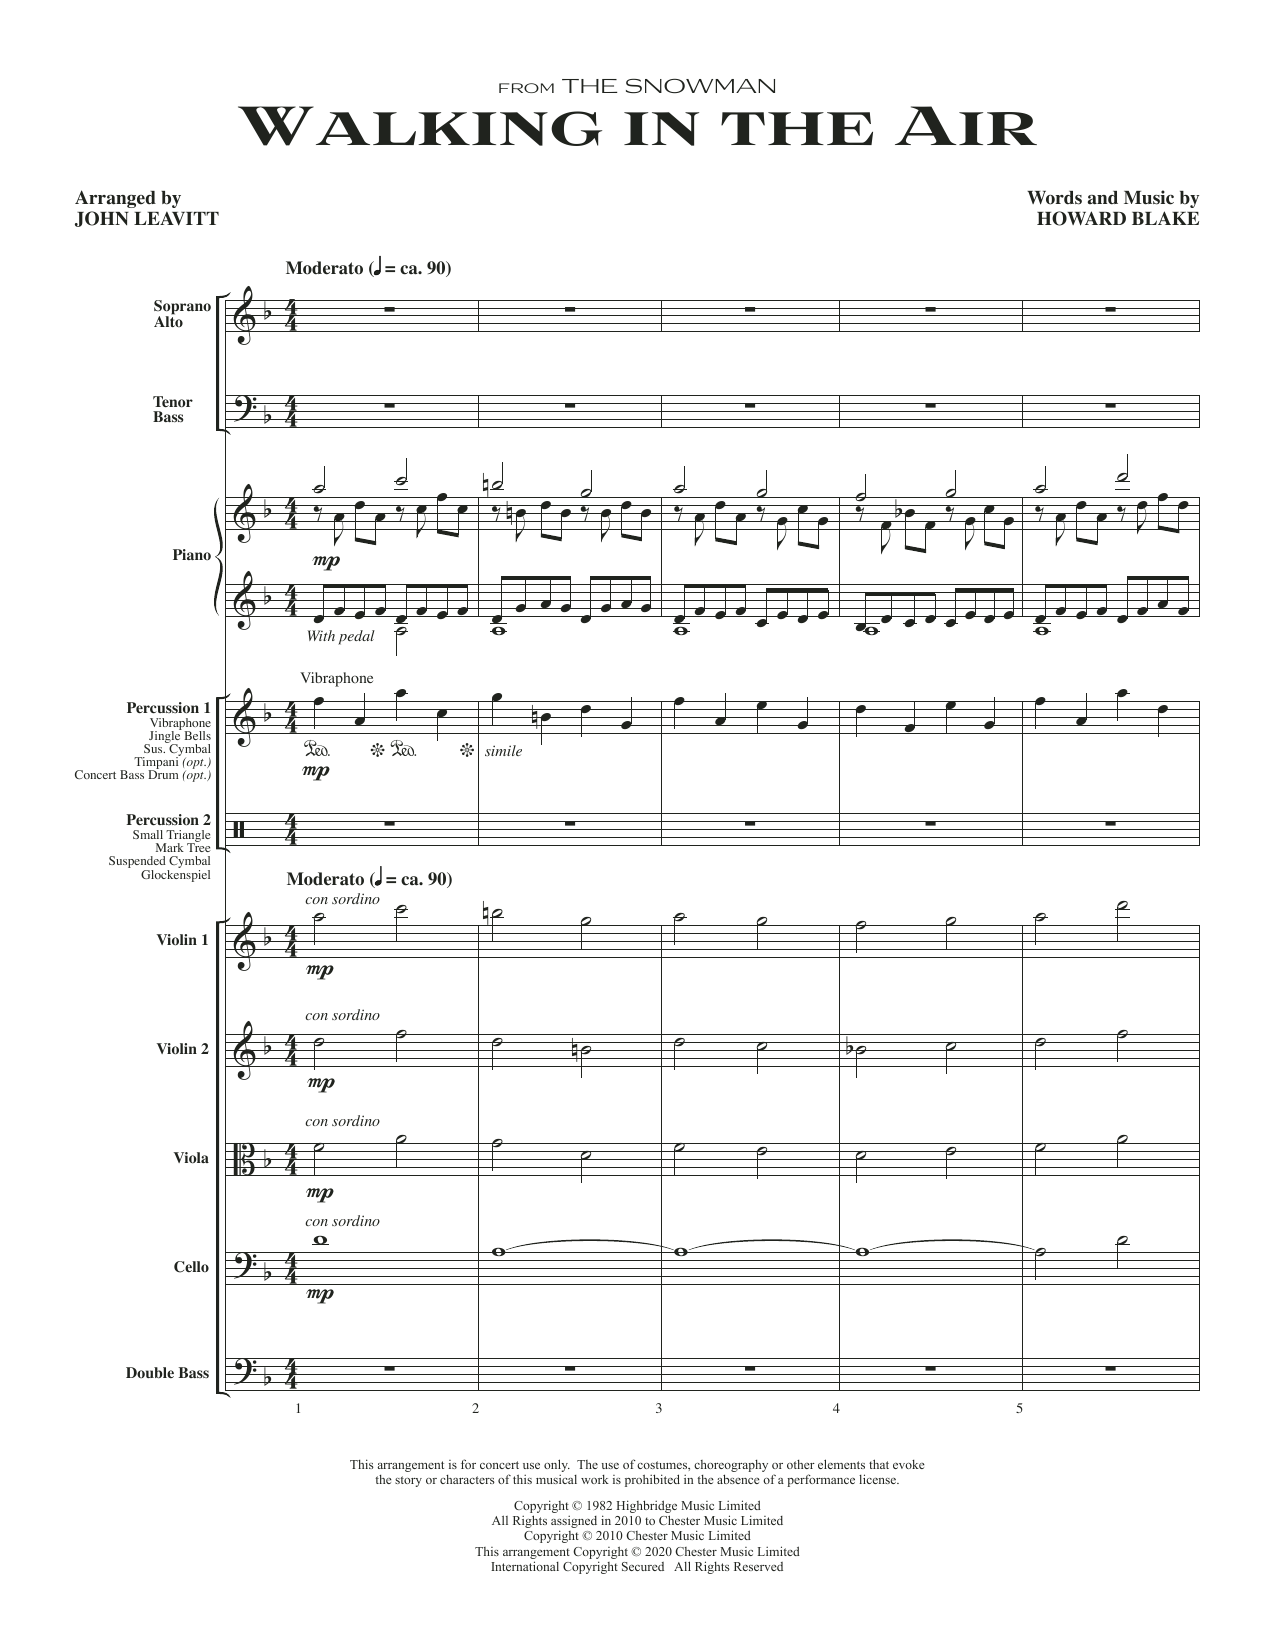 Walking In The Air (from The Snowman) (arr. John Leavitt) - Full Score Sheet Music